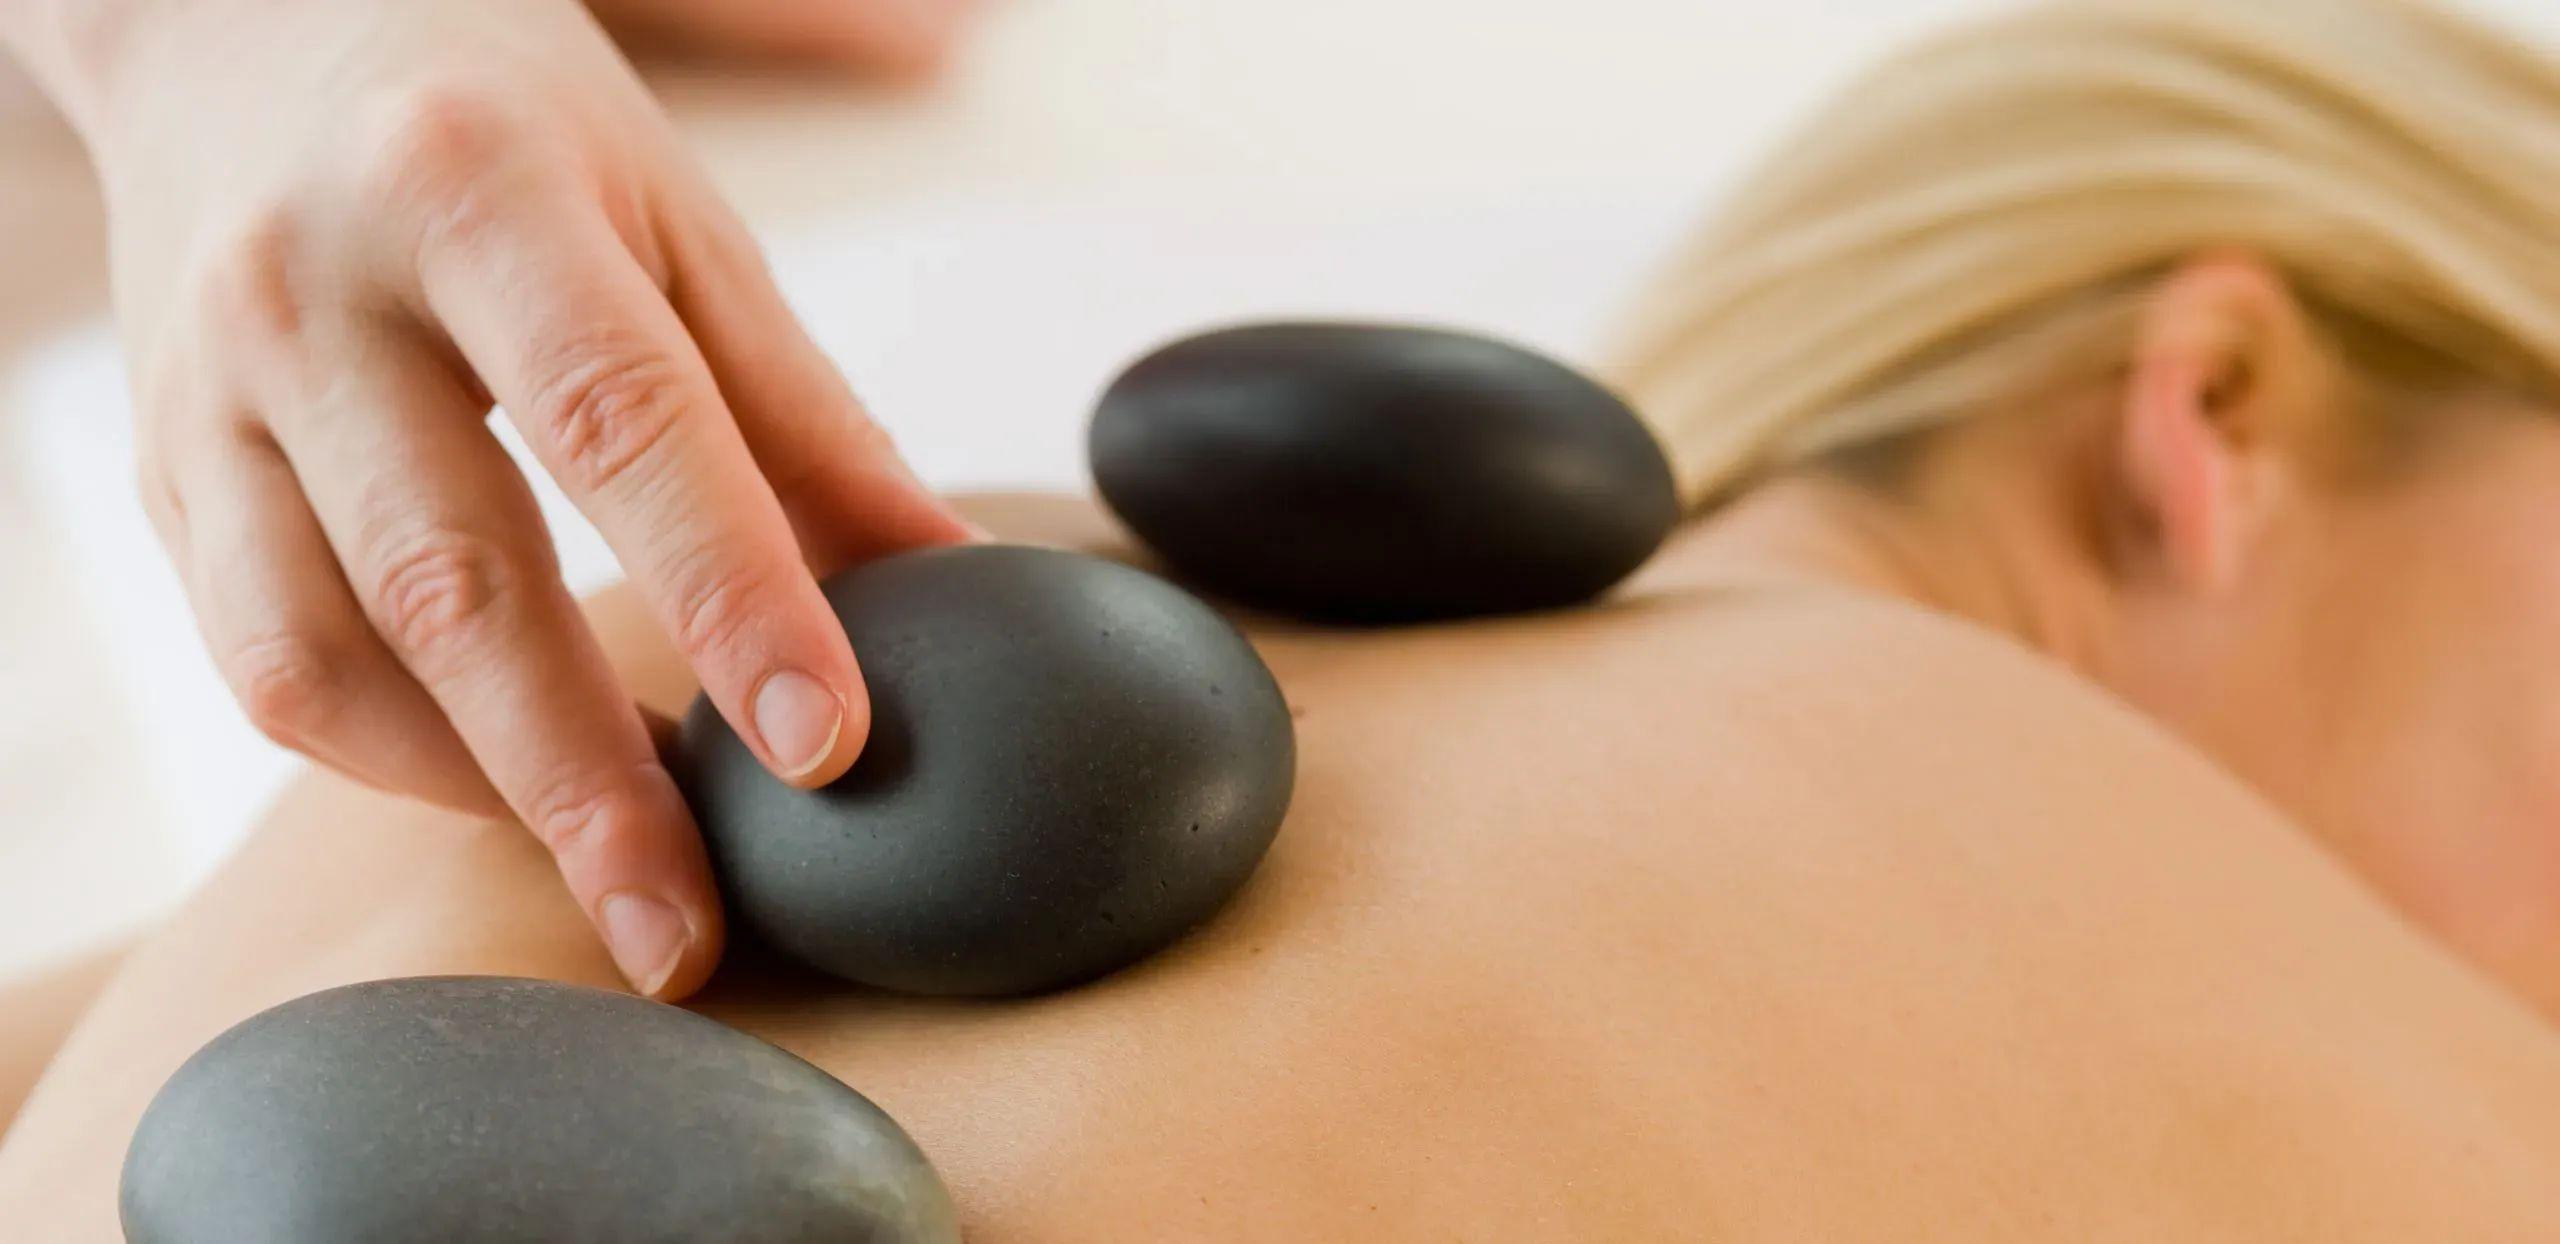 First class massagen